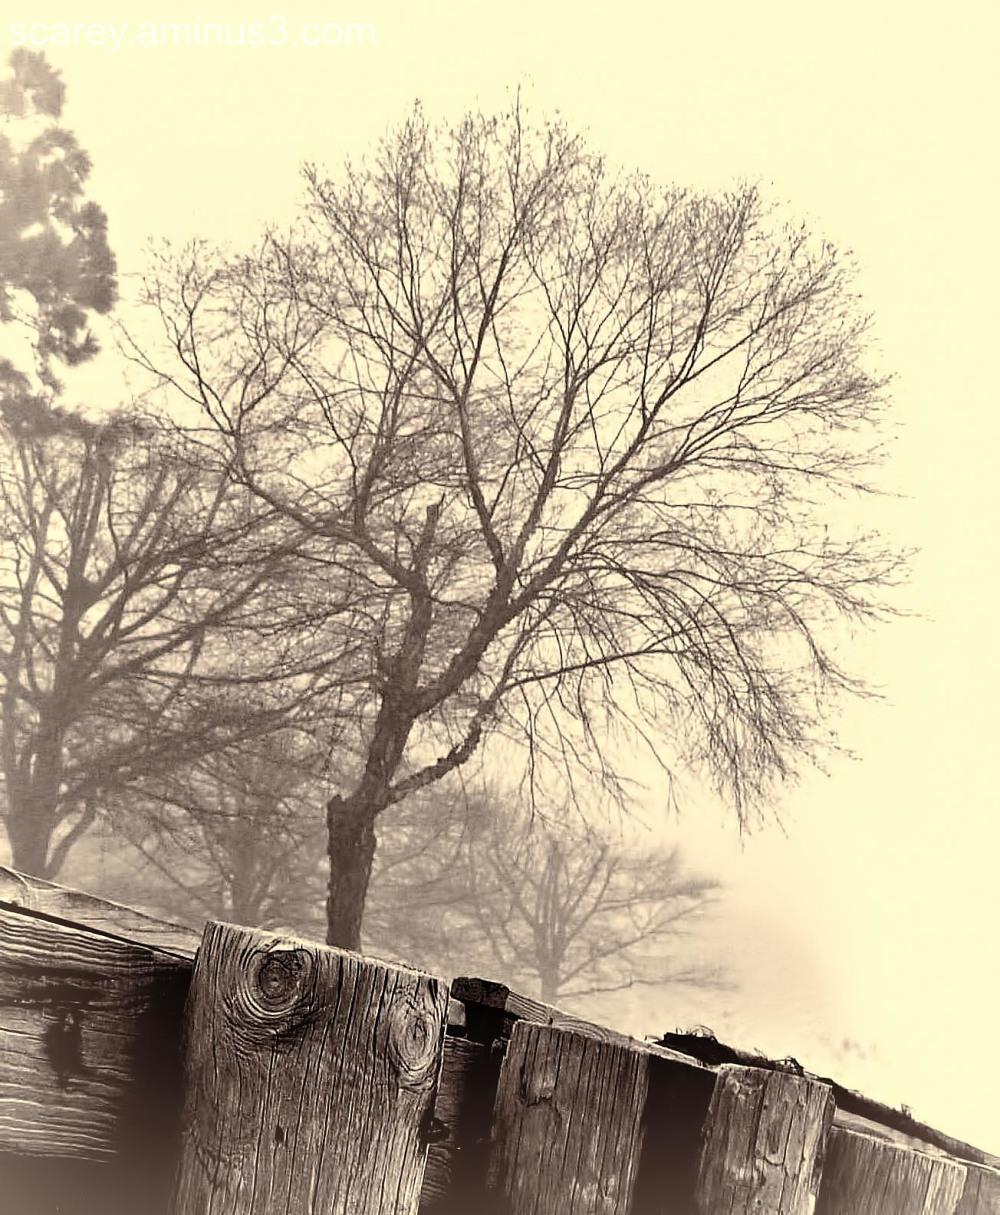 Foggy morning along Mobile Bay, Alabama